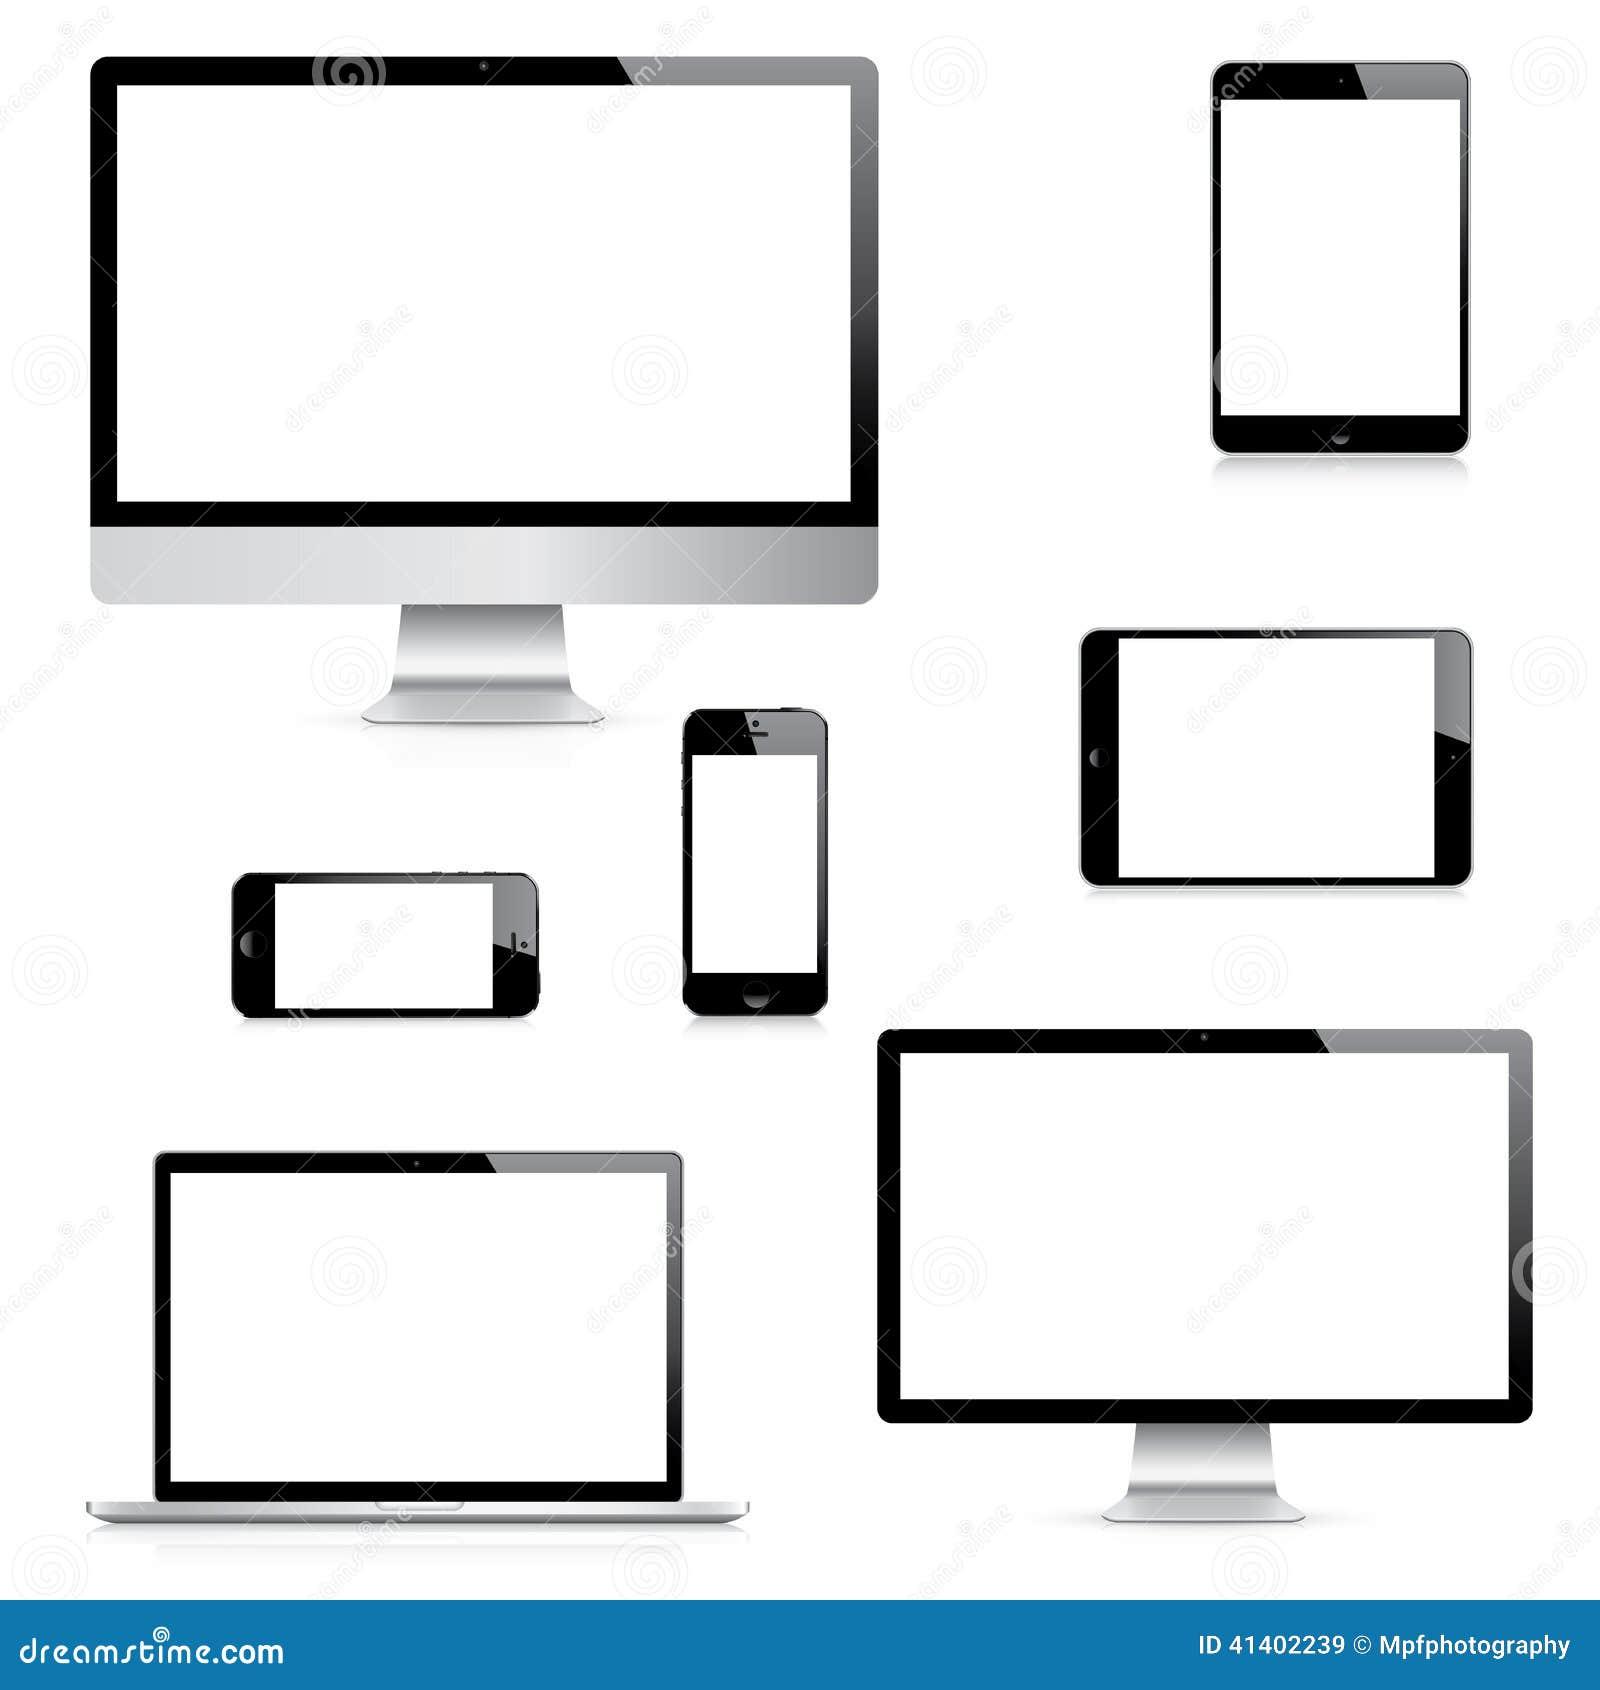 Vectores realistas modernos del ordenador, del ordenador portátil, de la tableta y del smartphone fijados